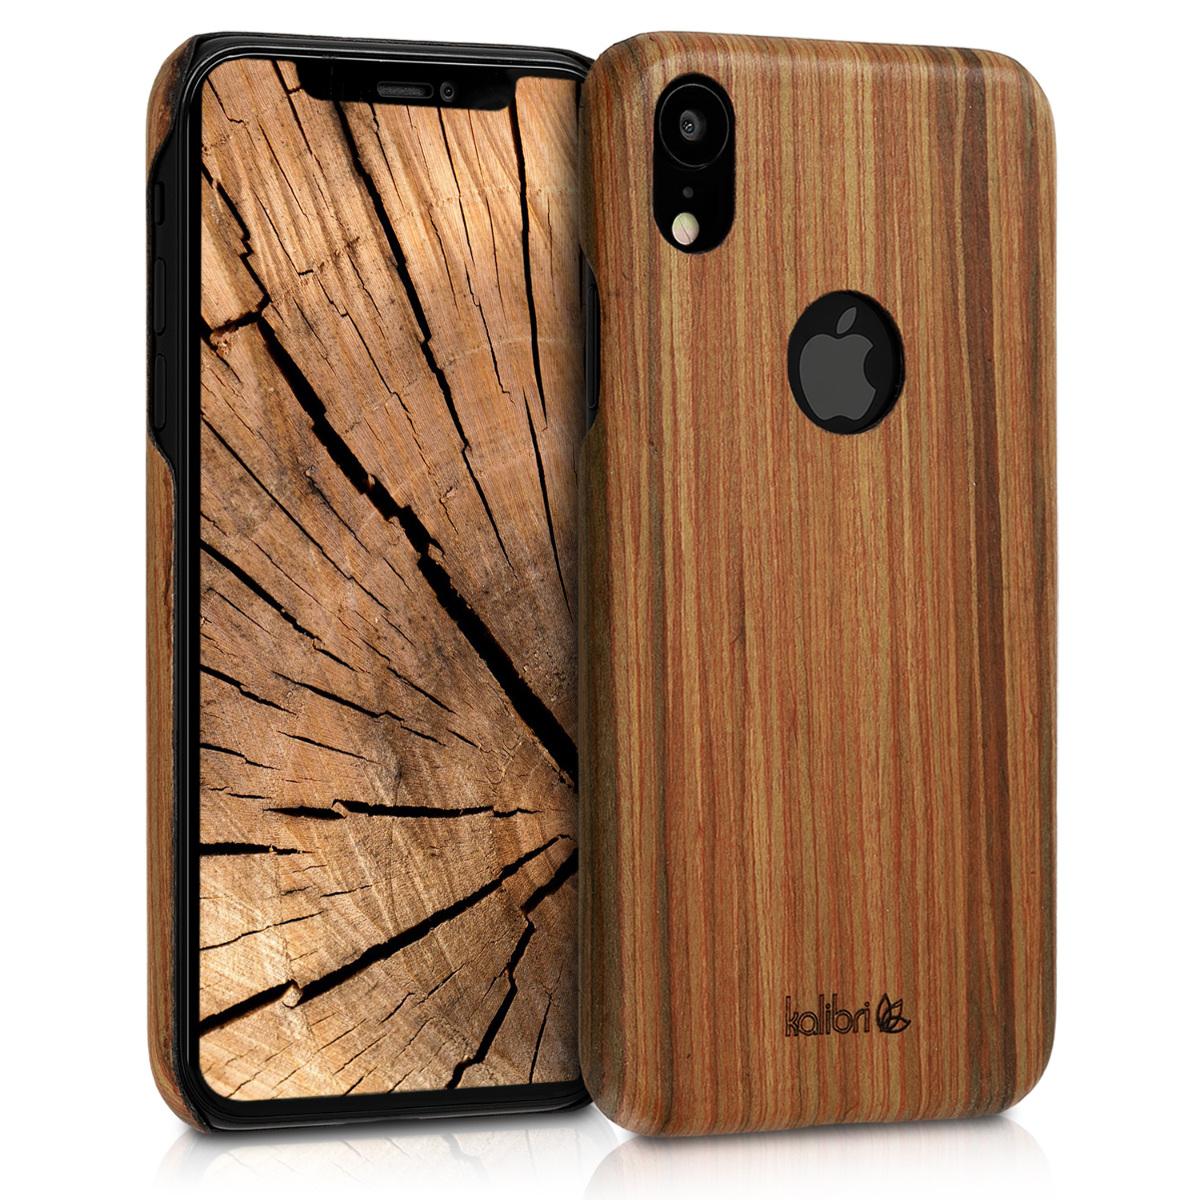 KW Ξύλινη Θήκη iPhone XR - Καφέ (45958.18)